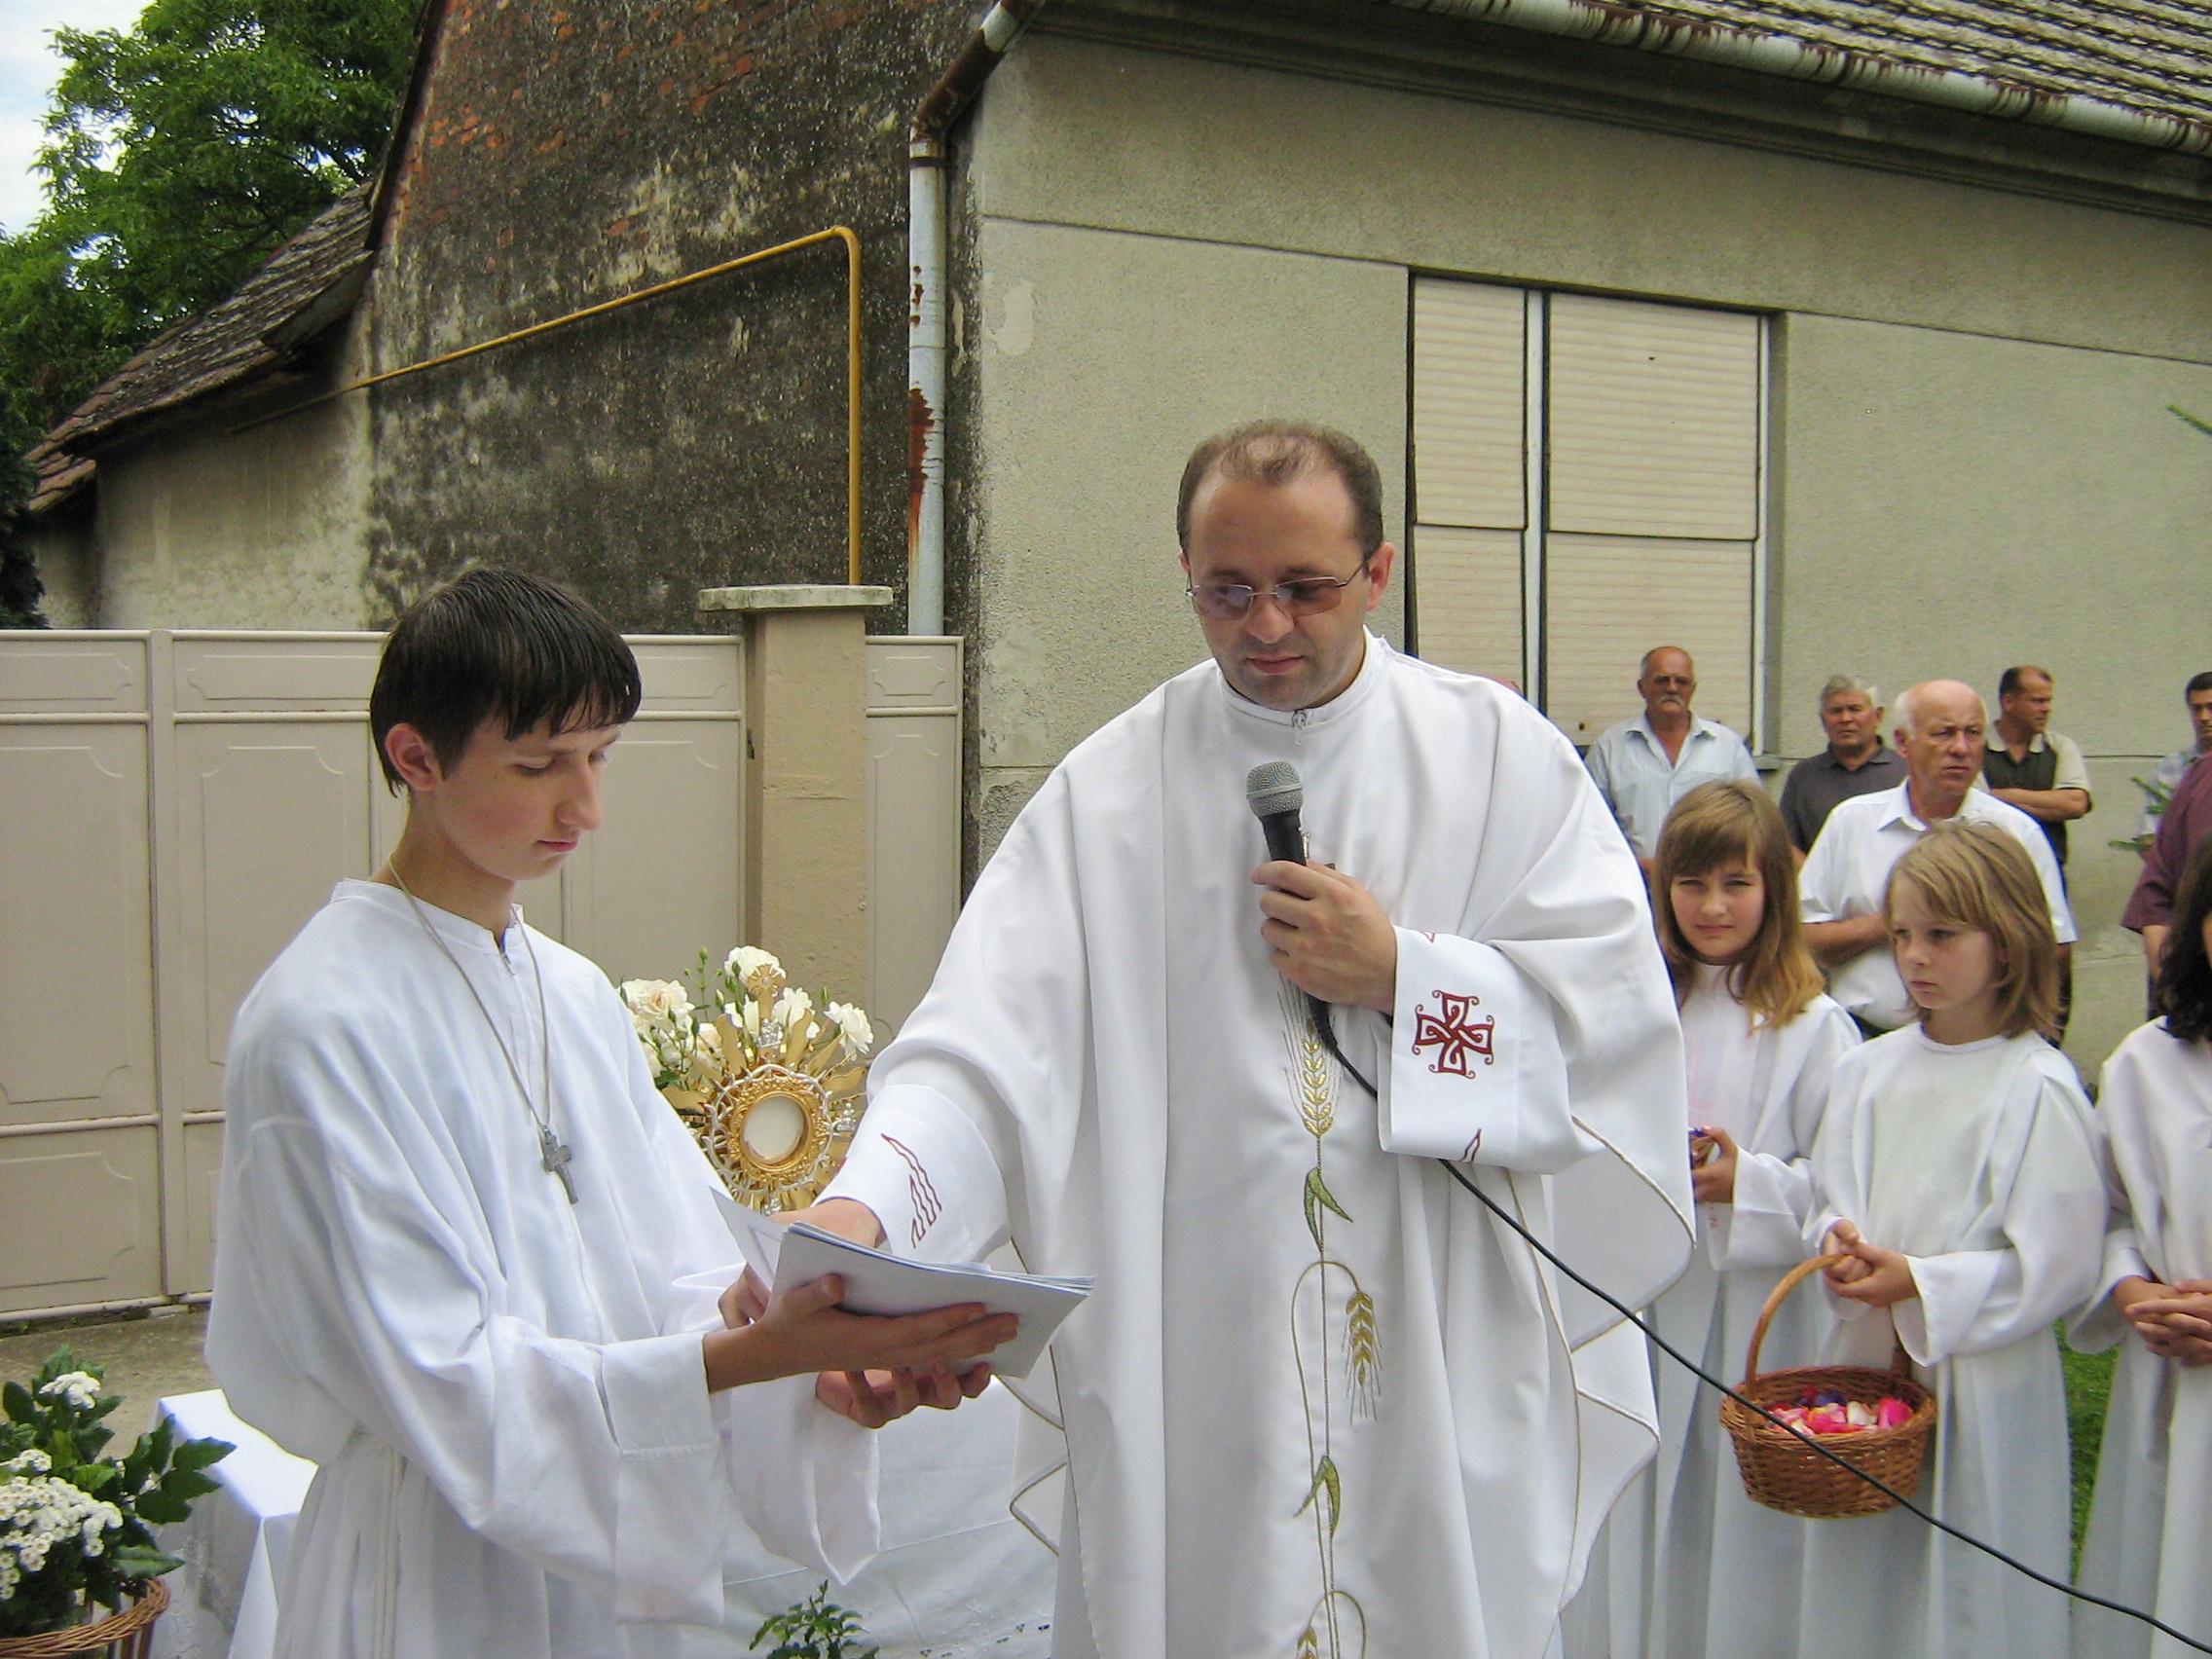 Ministranti u Markovcu Našičkom i župnik Branko - Tijelovo 2007 (slika 2) - 7.6.2007.